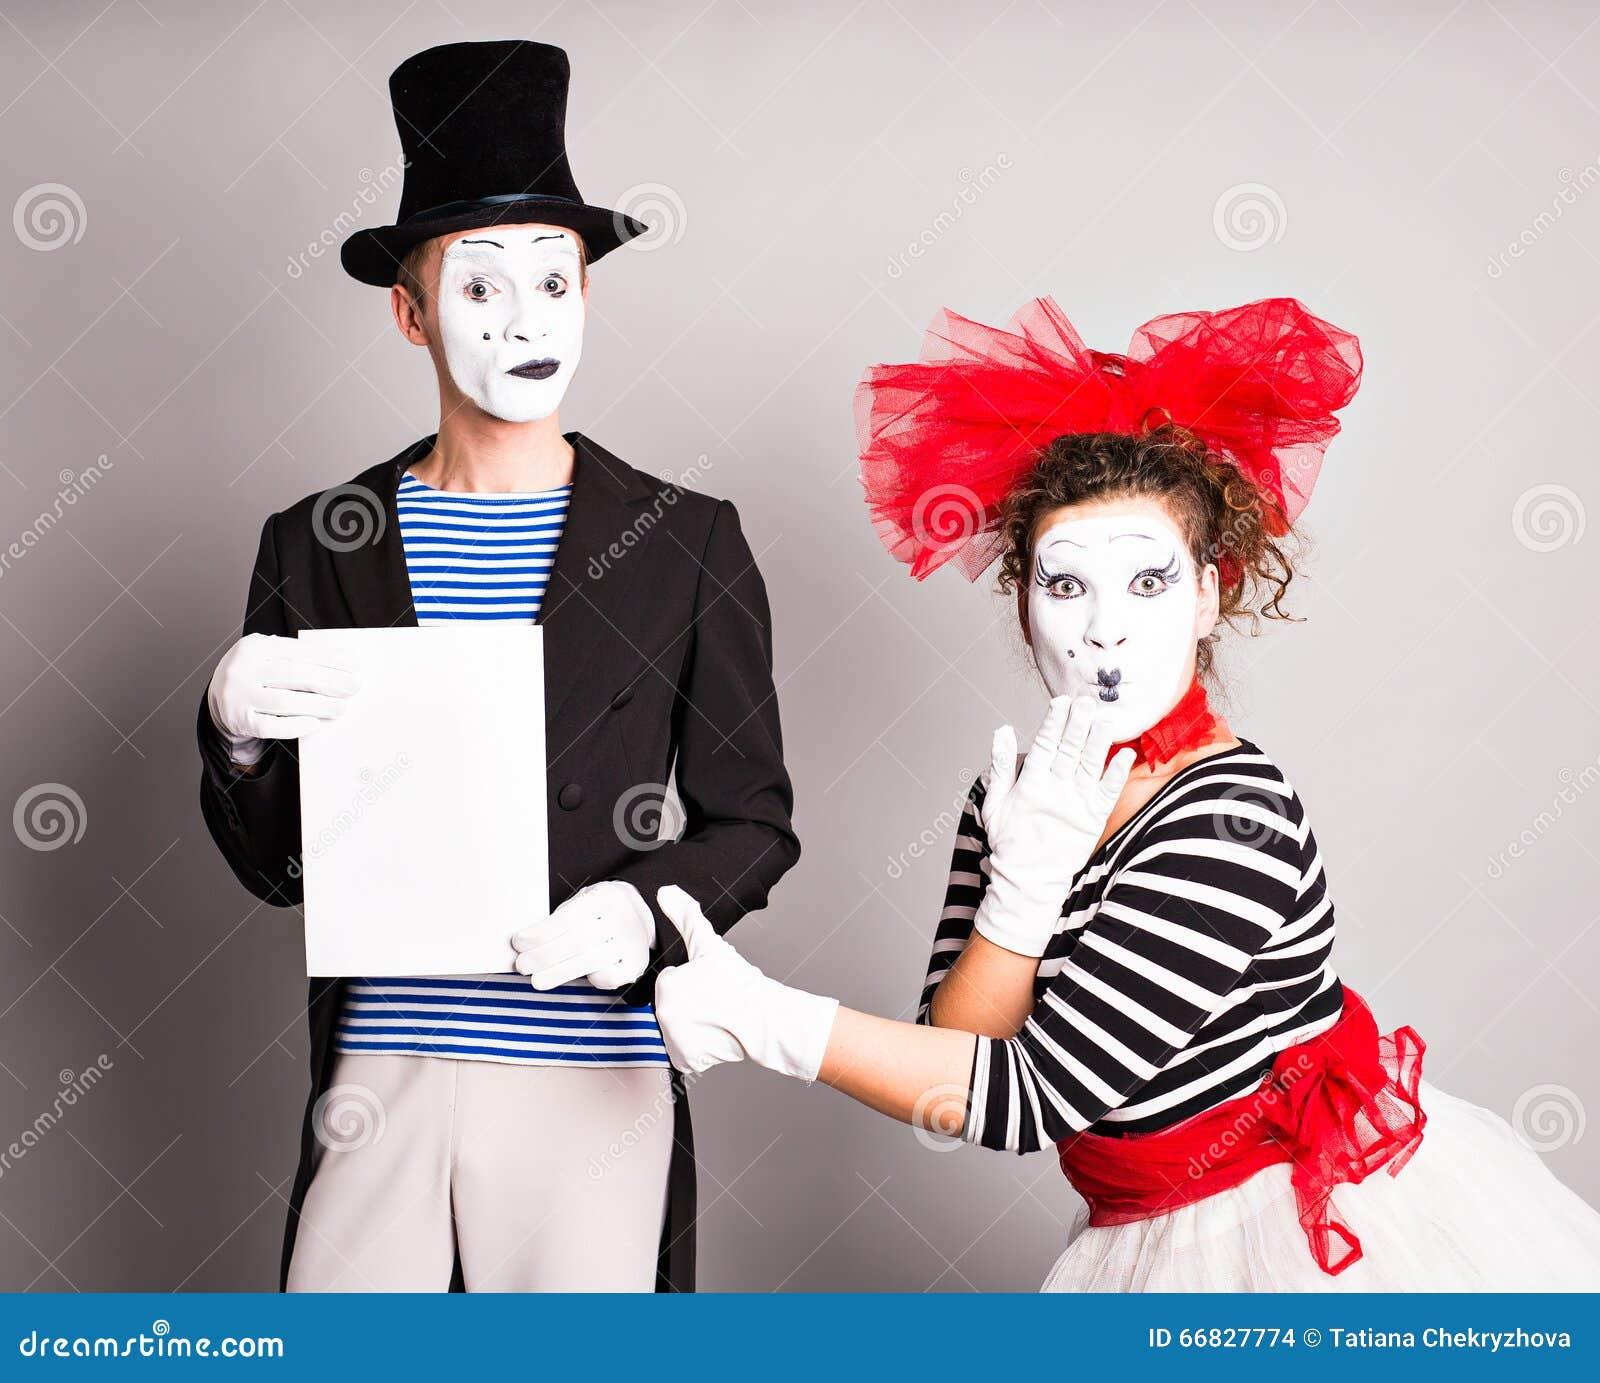 Δύο mimes με ένα σημάδι για τη διαφήμιση, έννοια ημέρας ανόητων Απριλίου